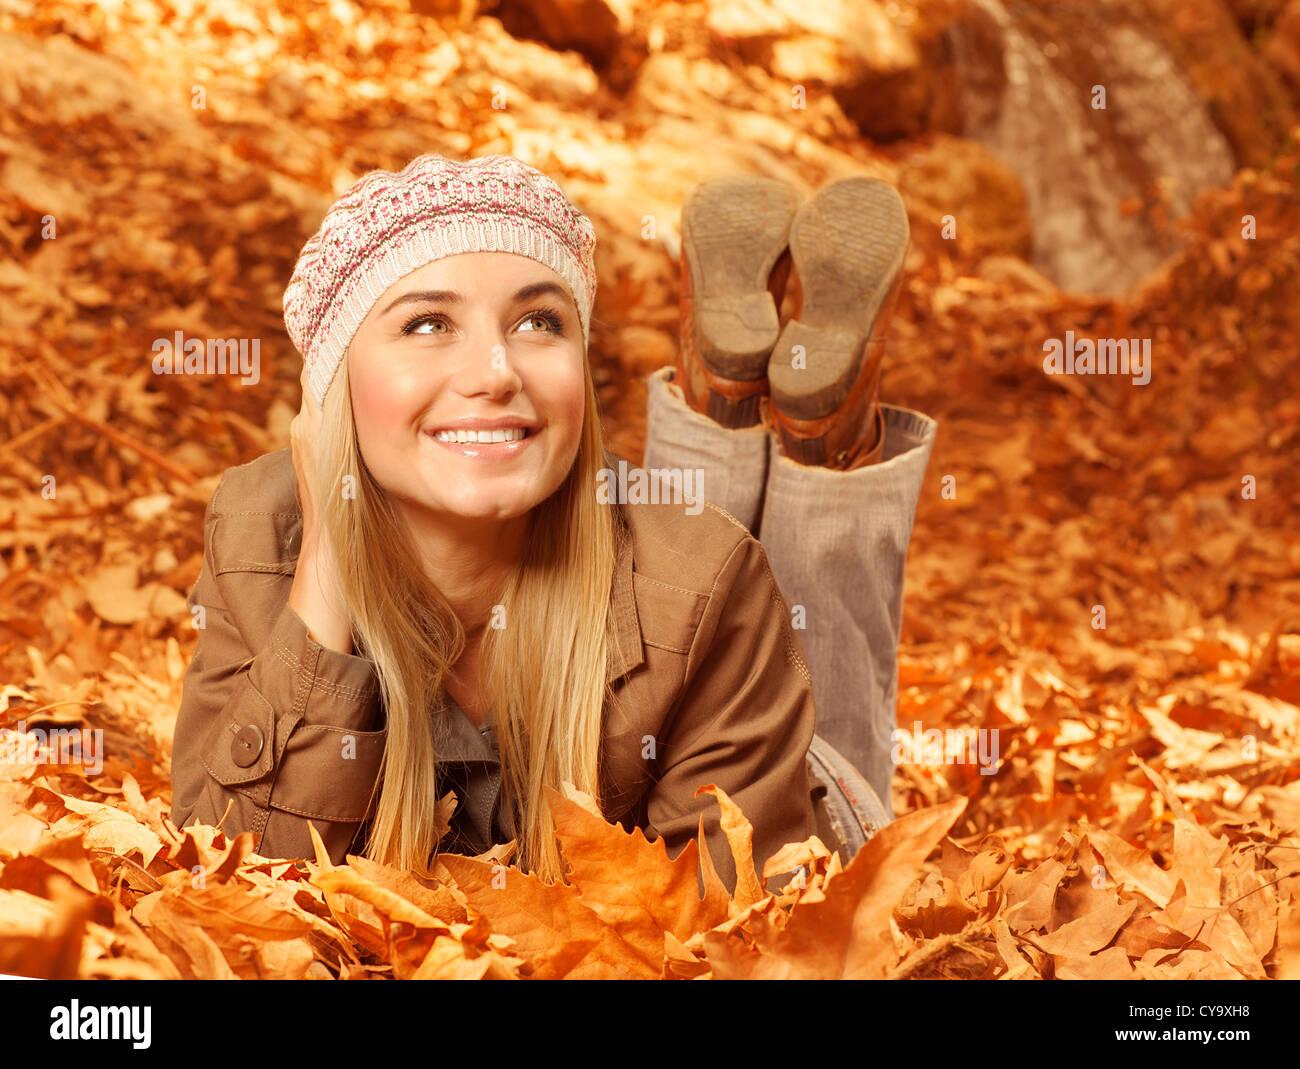 Bild von ziemlich fröhliche Frau legte sich auf dem Boden trocken herbstliche Laub, nette junge Dame, die Spaß Stockbild